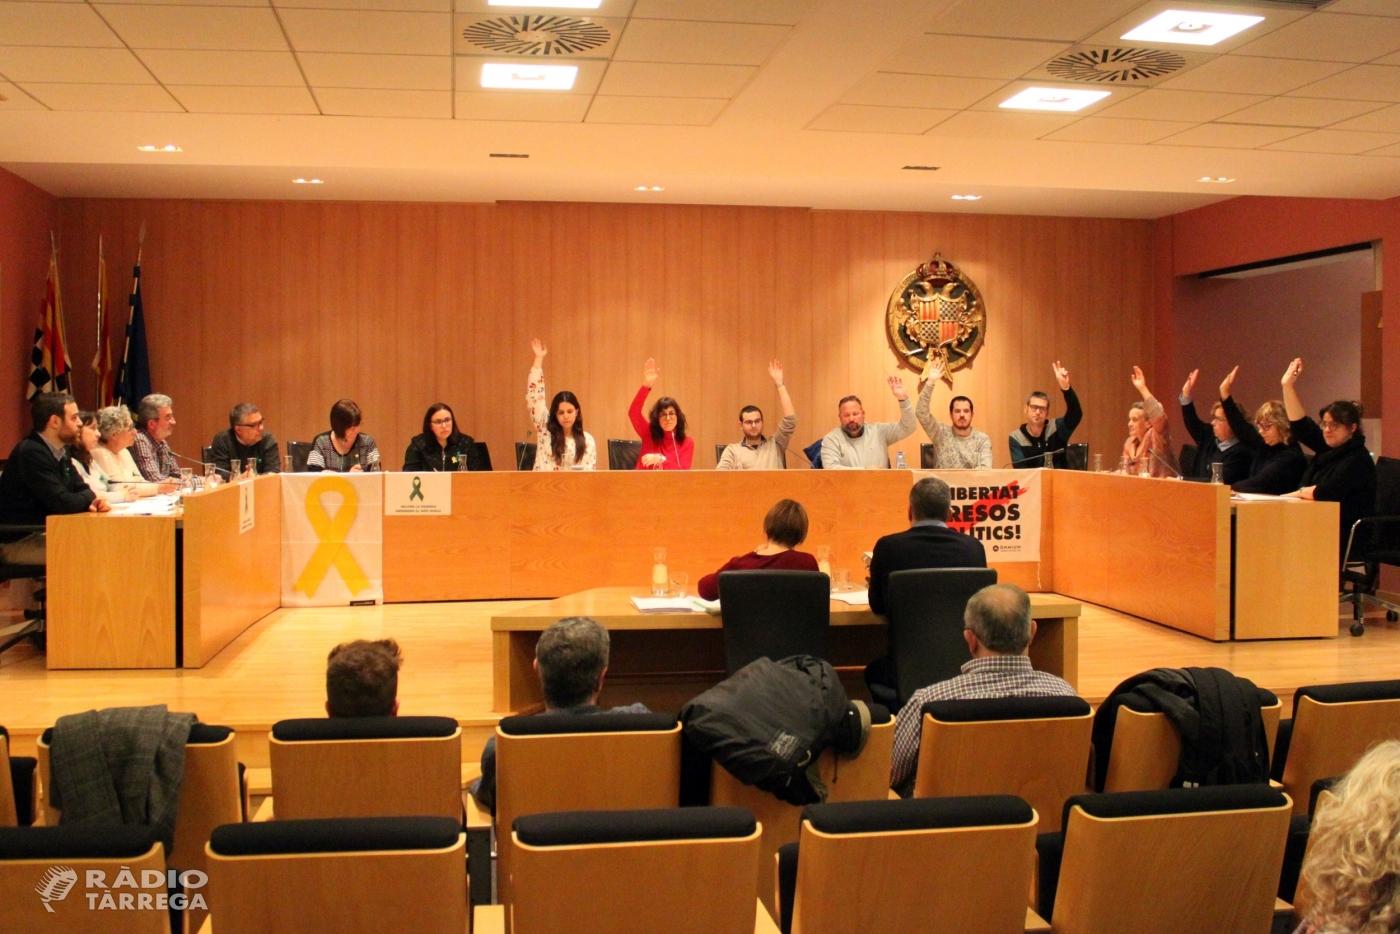 El Ple de Tàrrega aprova un nou pressupost municipal de 17,5 milions d'euros